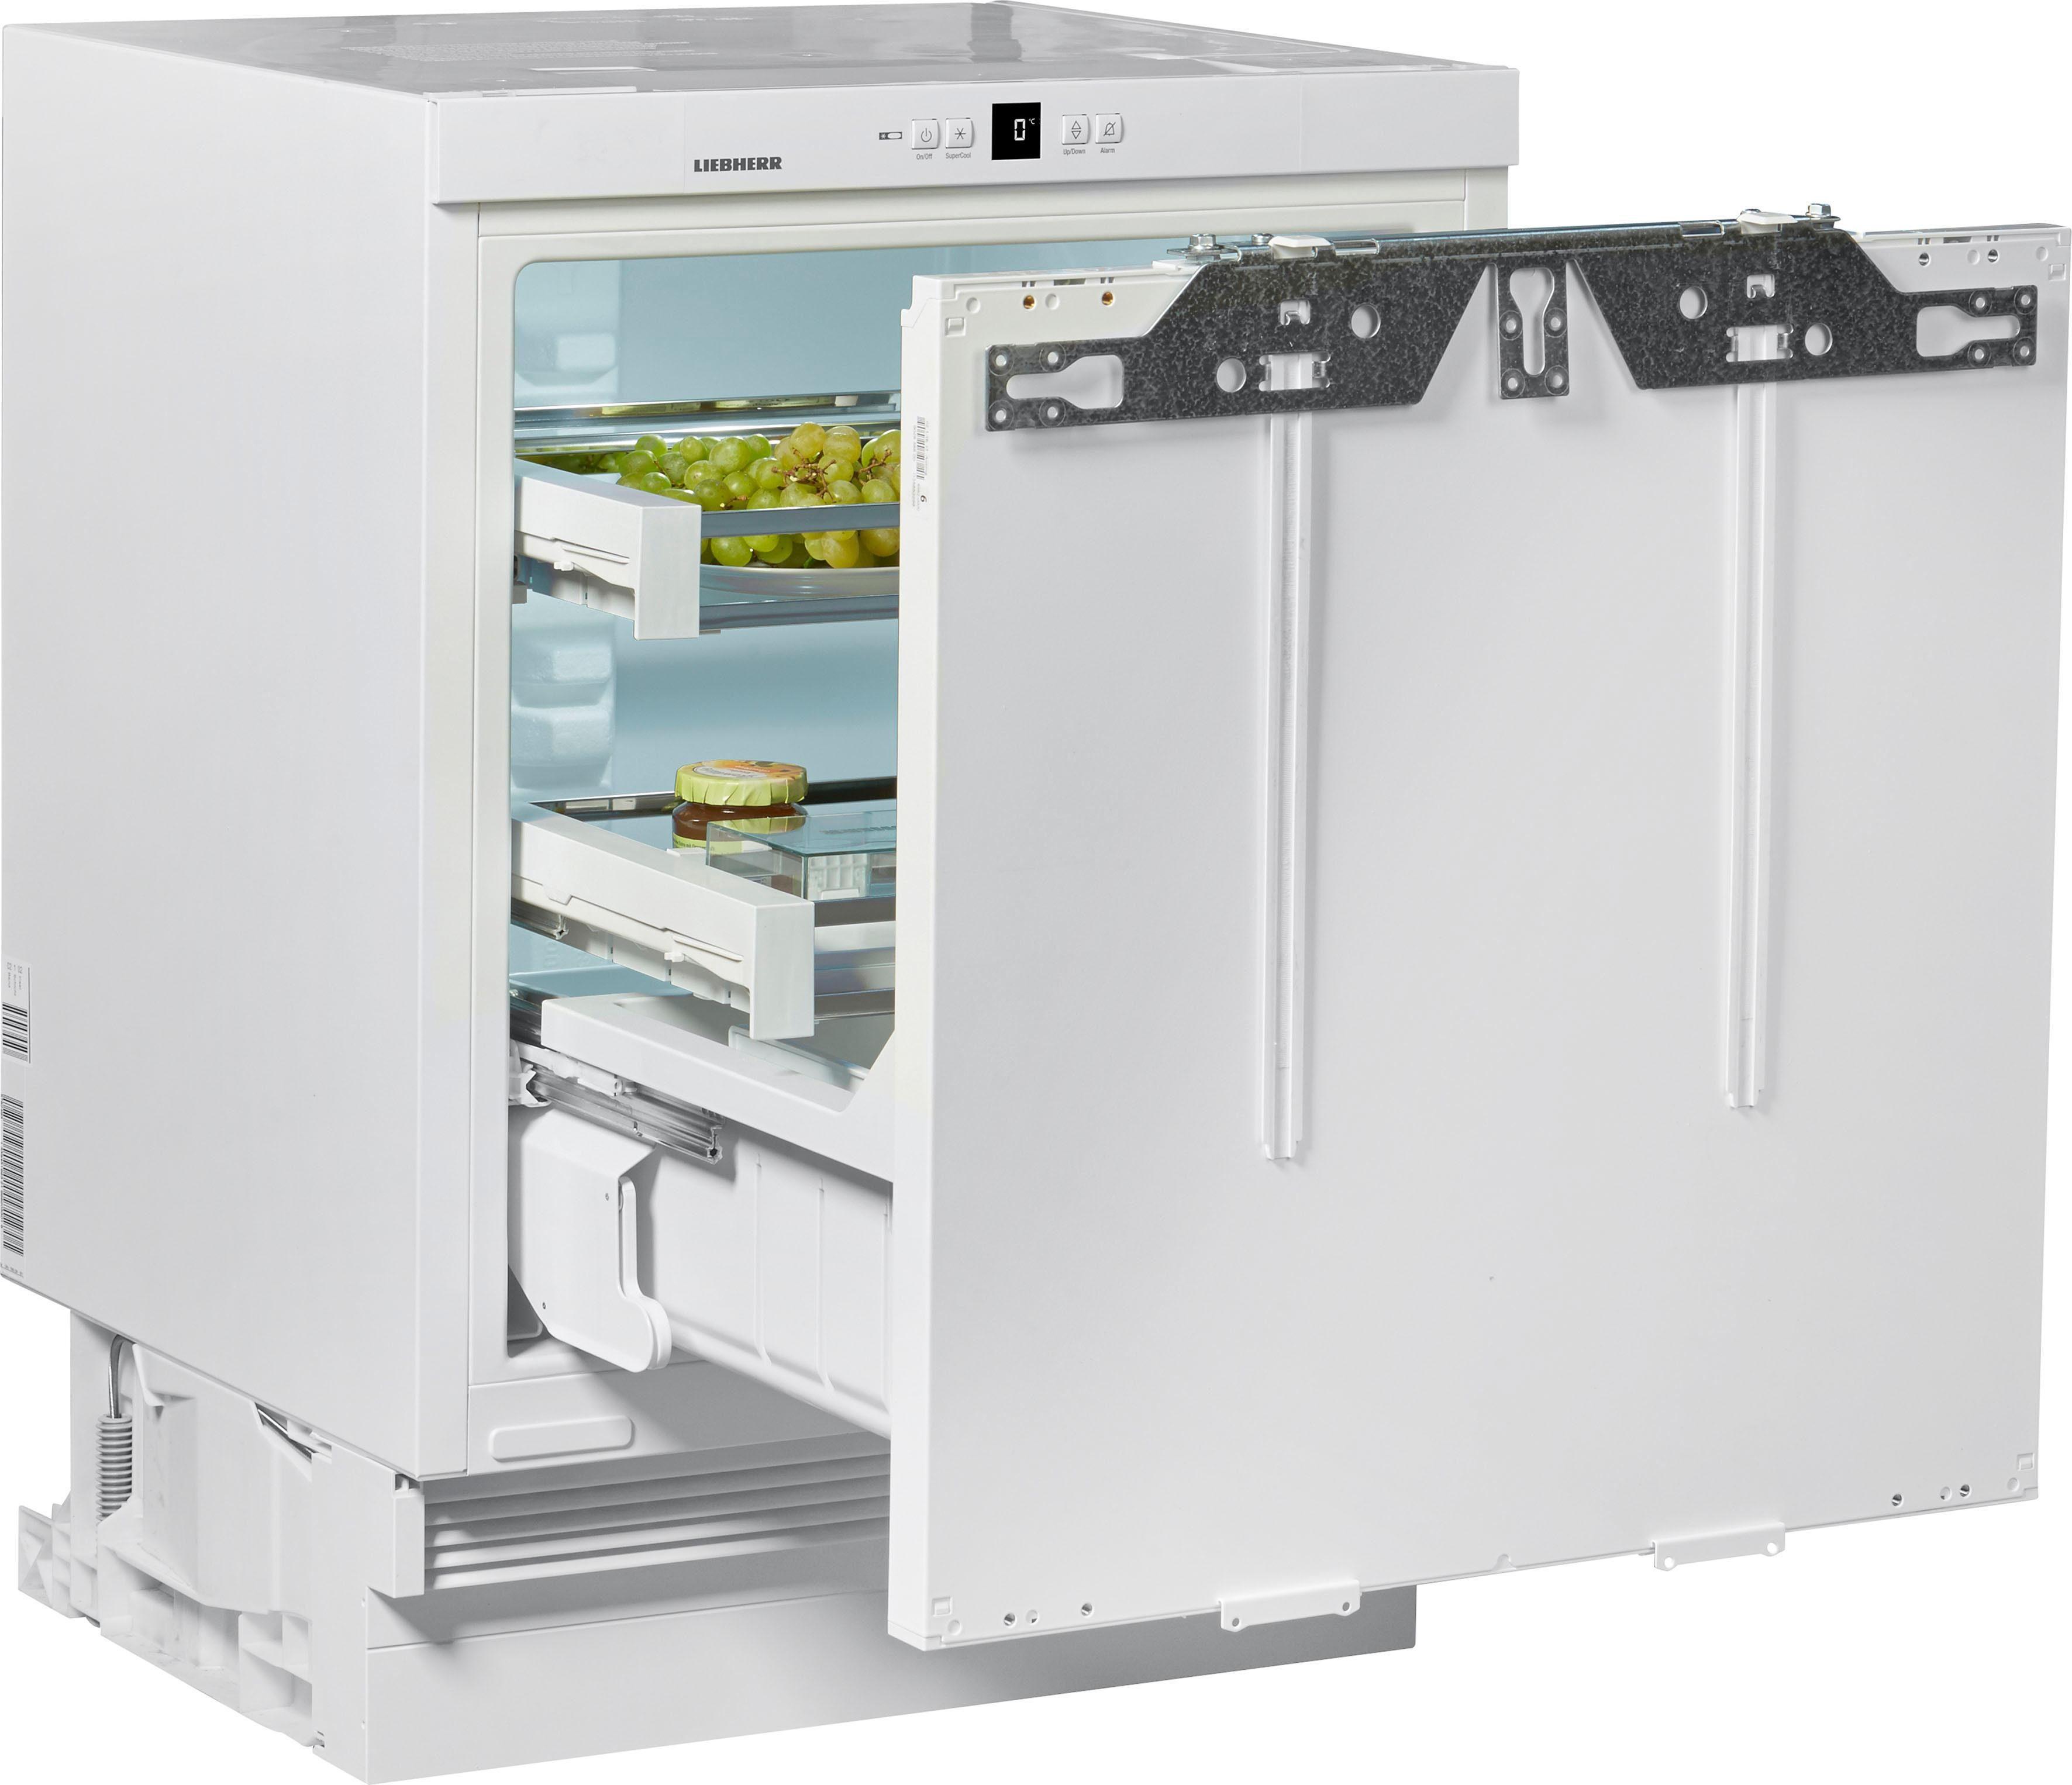 Liebherr Einbaukühlschrank Premium UIKo 1560-20, 82 cm hoch, 59,7 cm breit